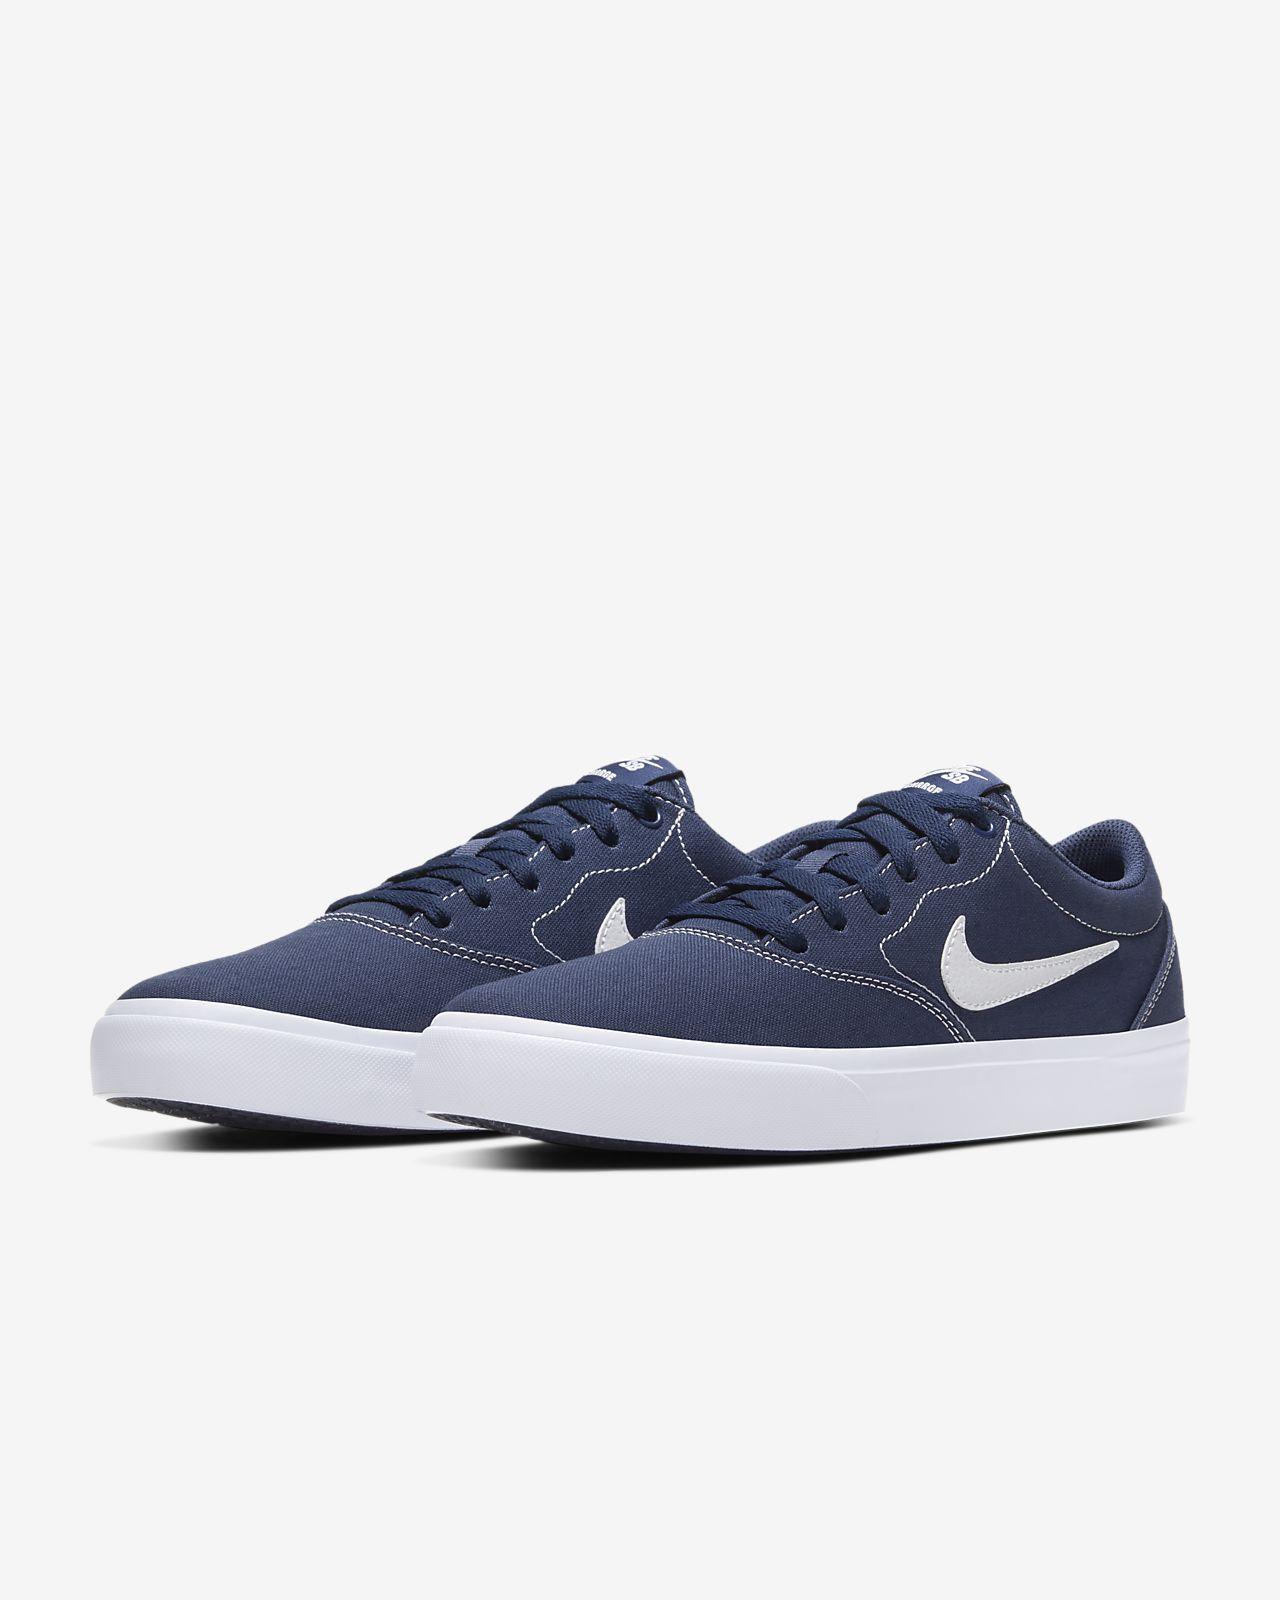 Nike SB Charge Canvas Older Kids' Skate Shoe